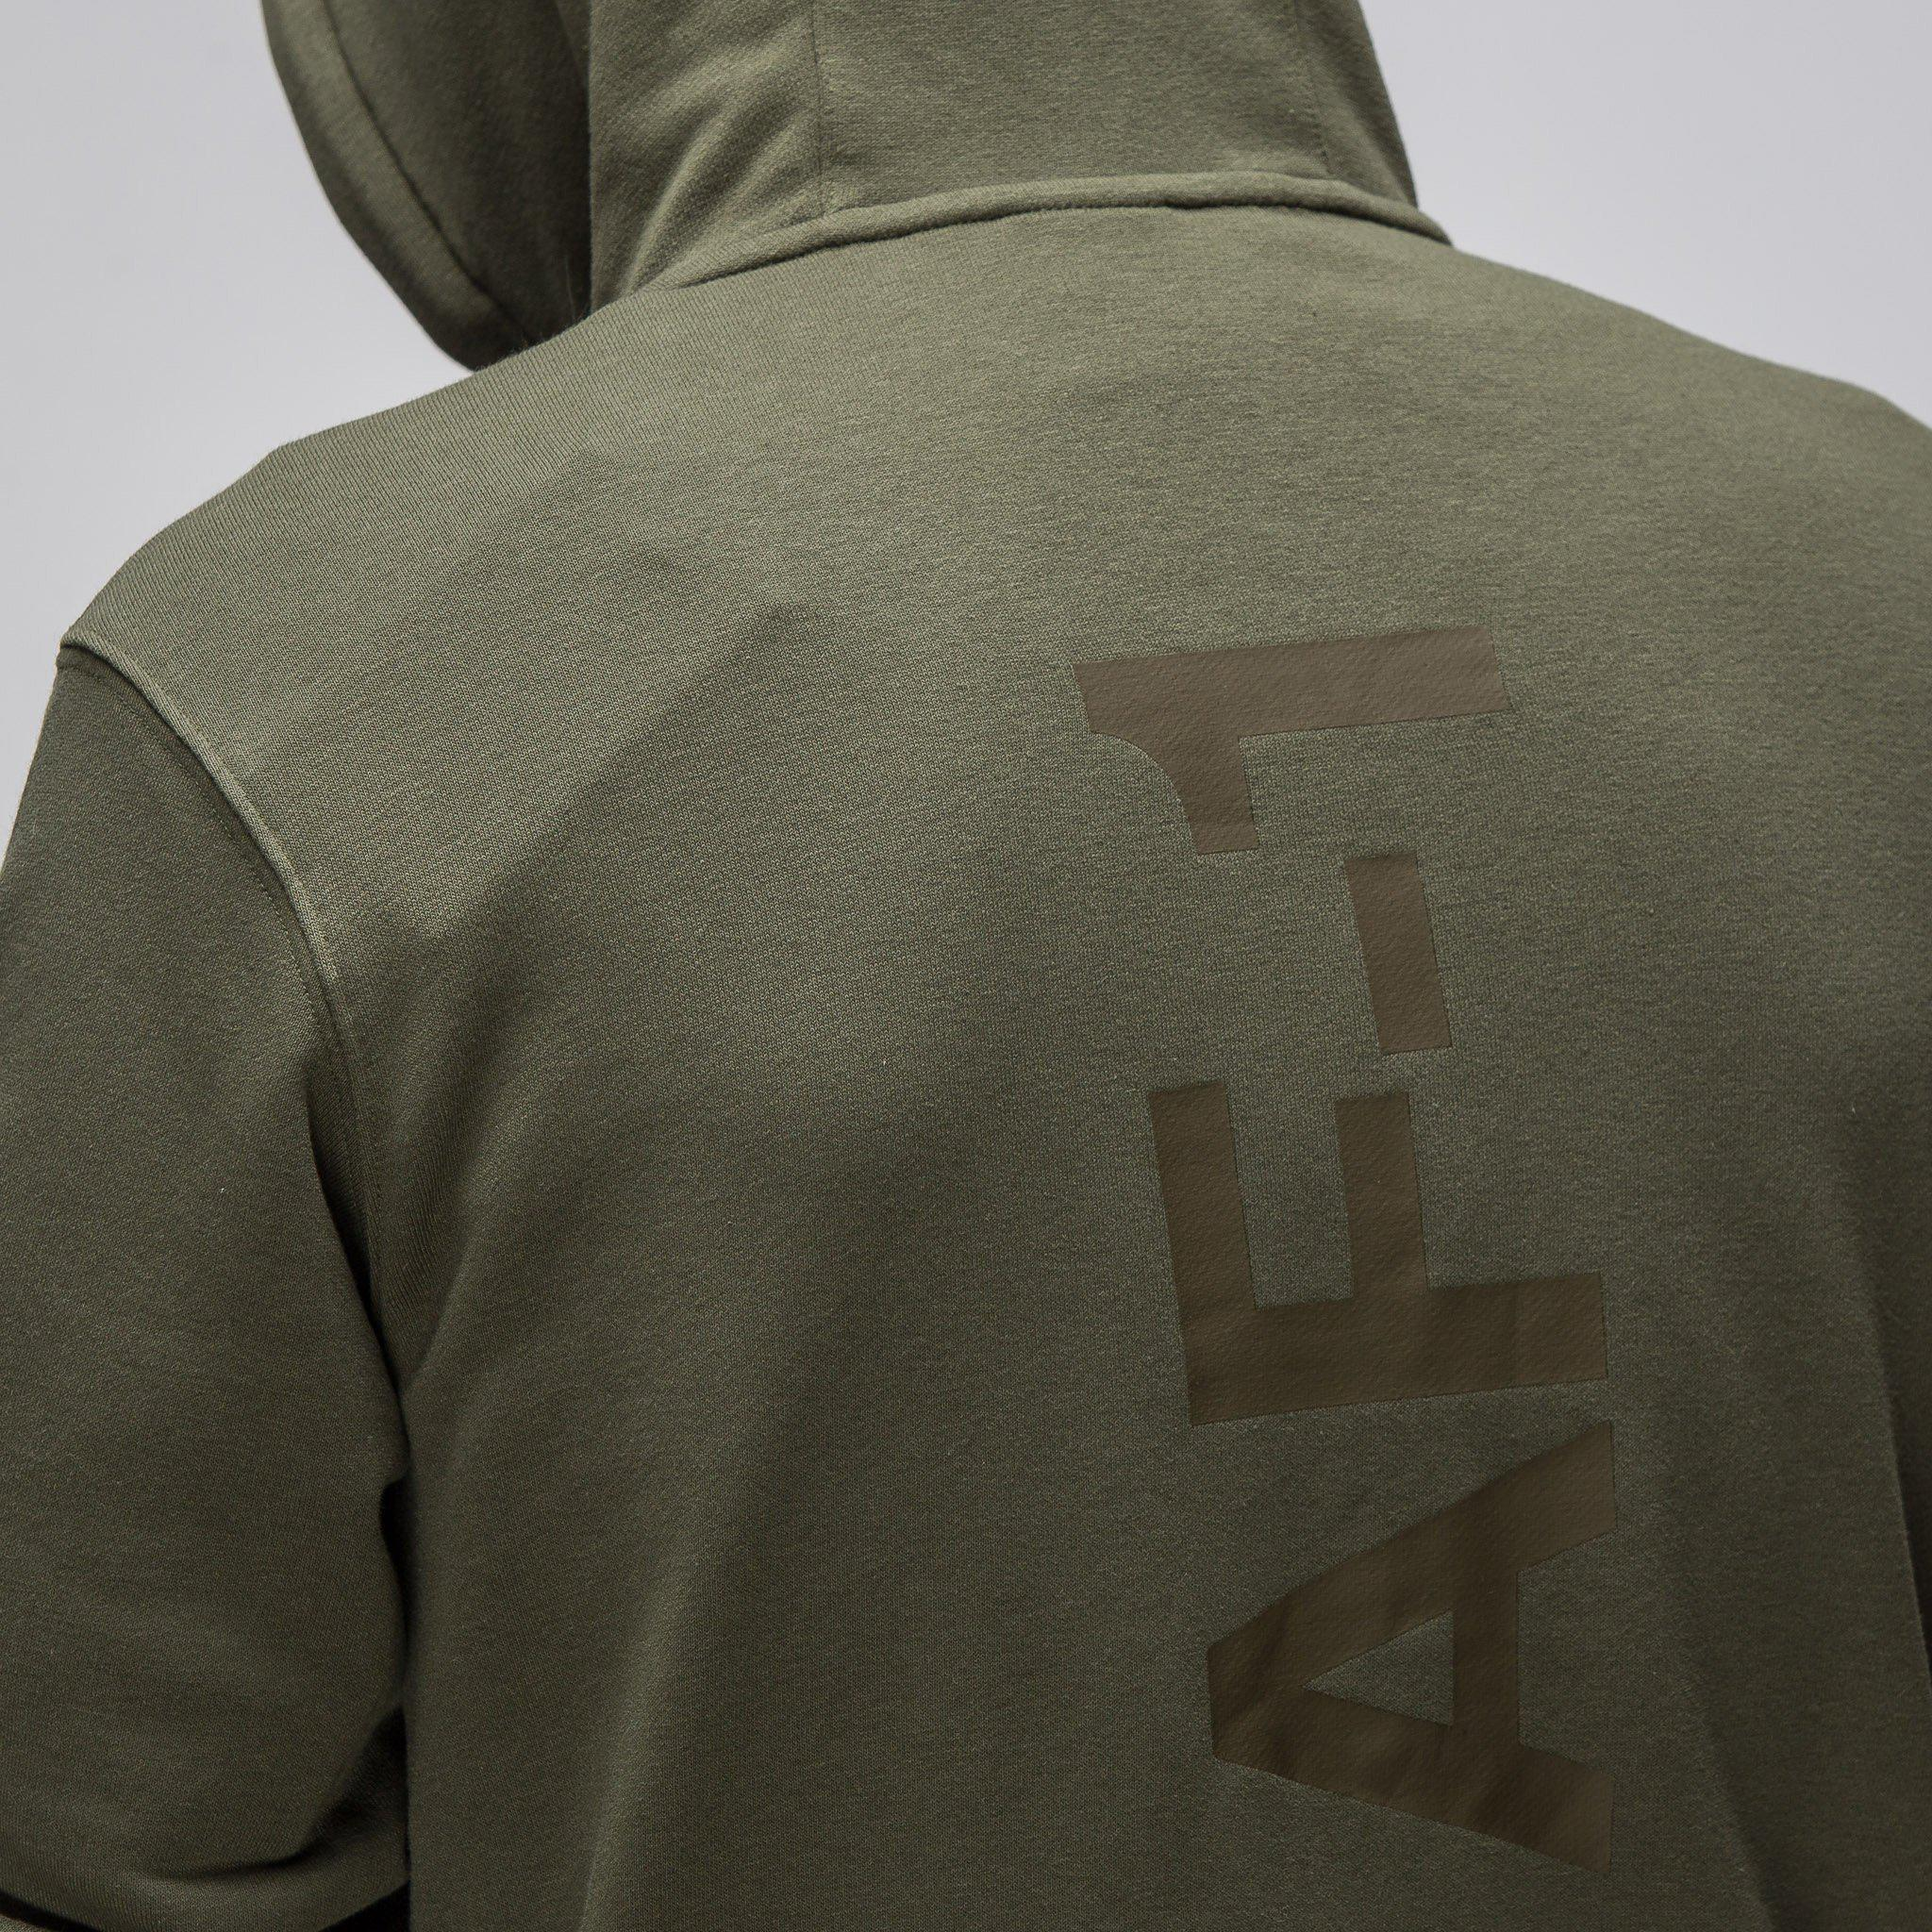 77e8c1ea813e Lyst - Nike Sportswear Af1 Full Zip Hoodie In Cargo Khaki in Green ...